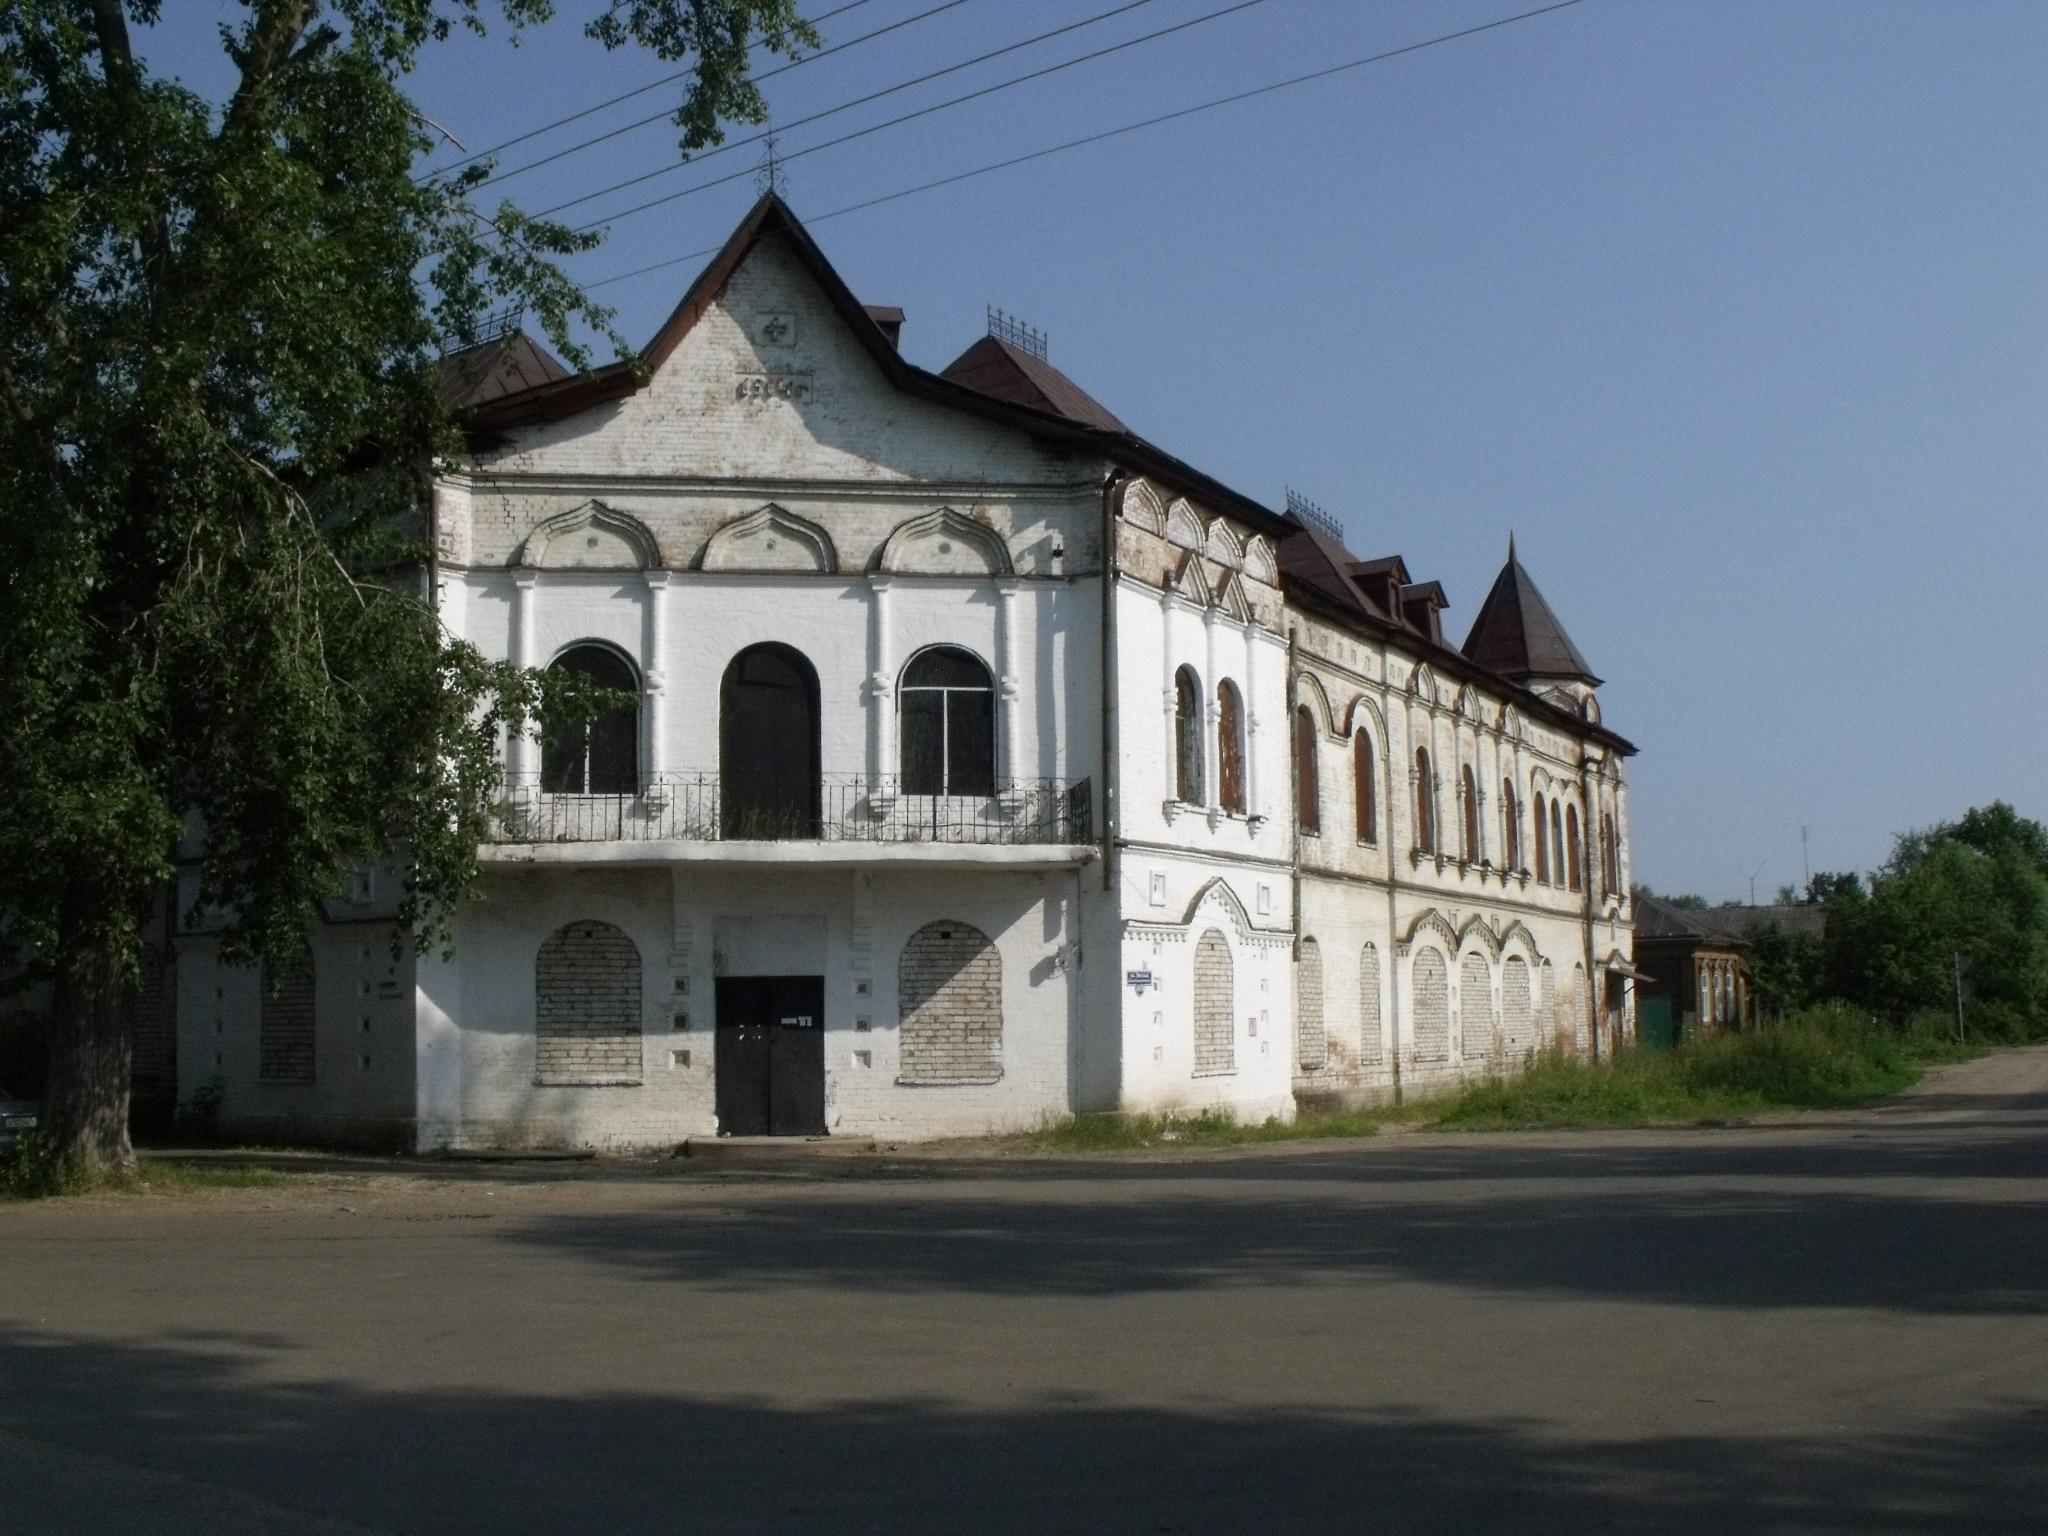 gostinica-yakovlevskogo-monastyrya-rv